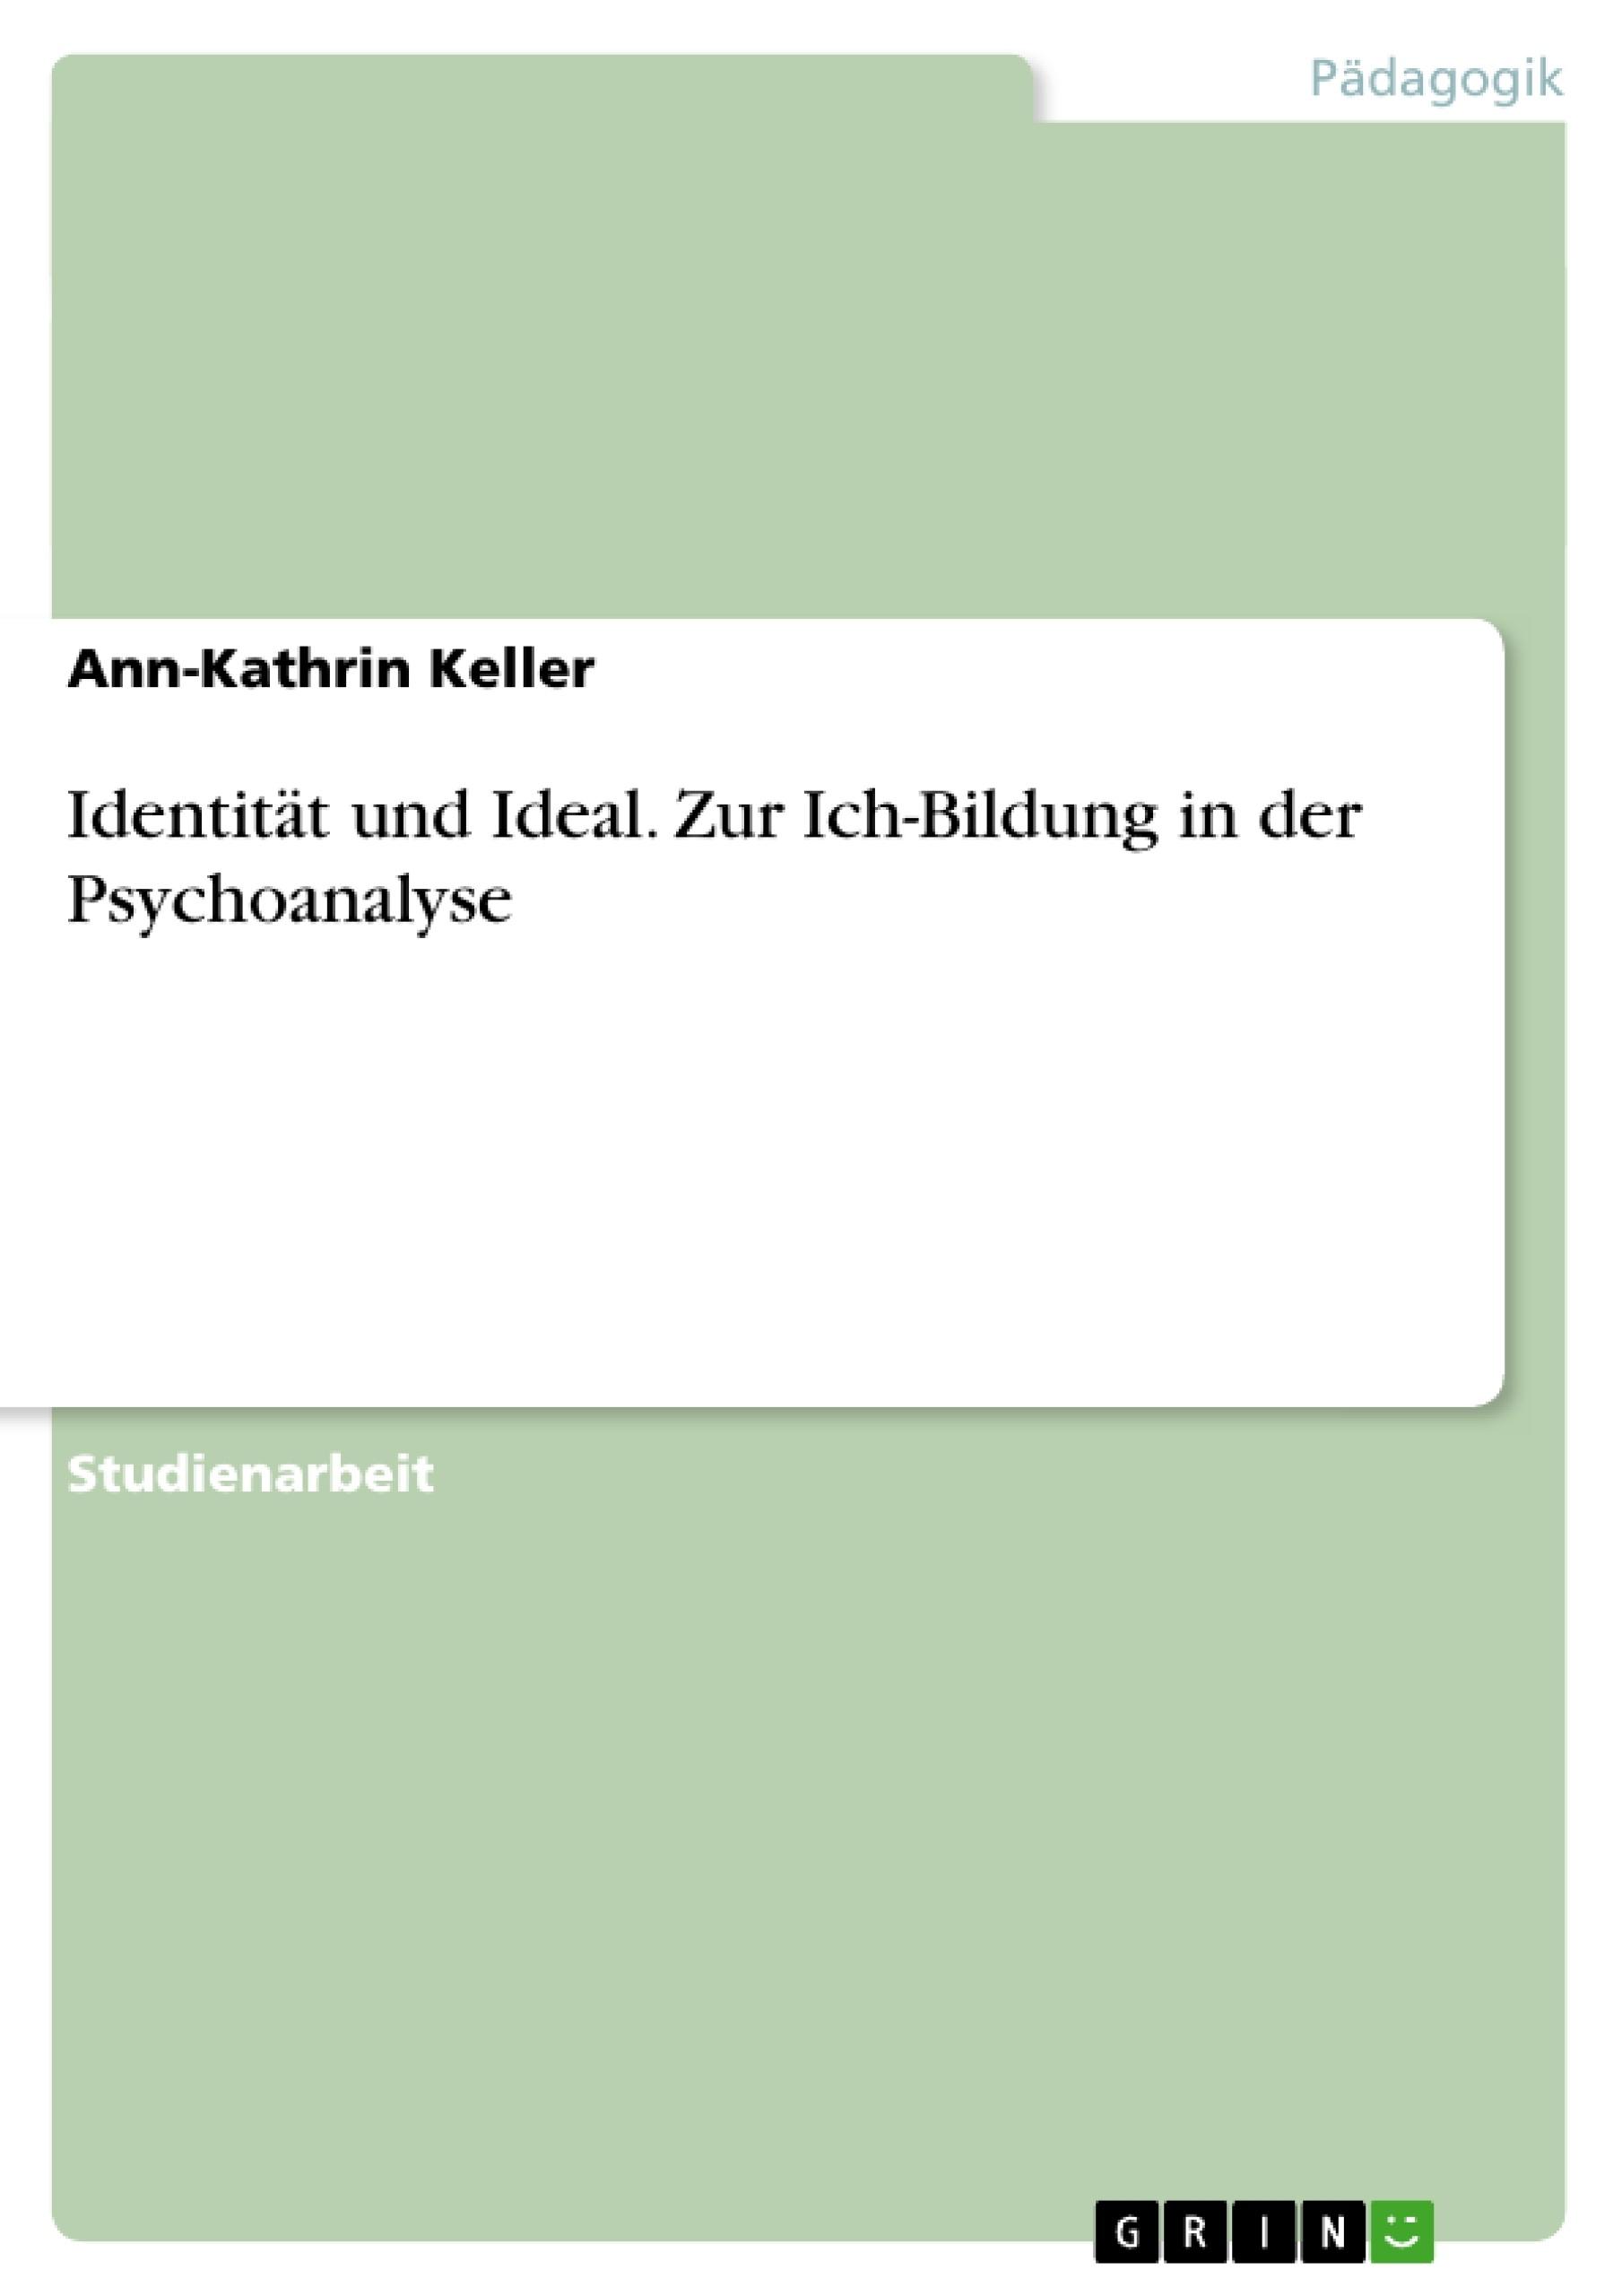 Titel: Identität und Ideal. Zur Ich-Bildung in der Psychoanalyse